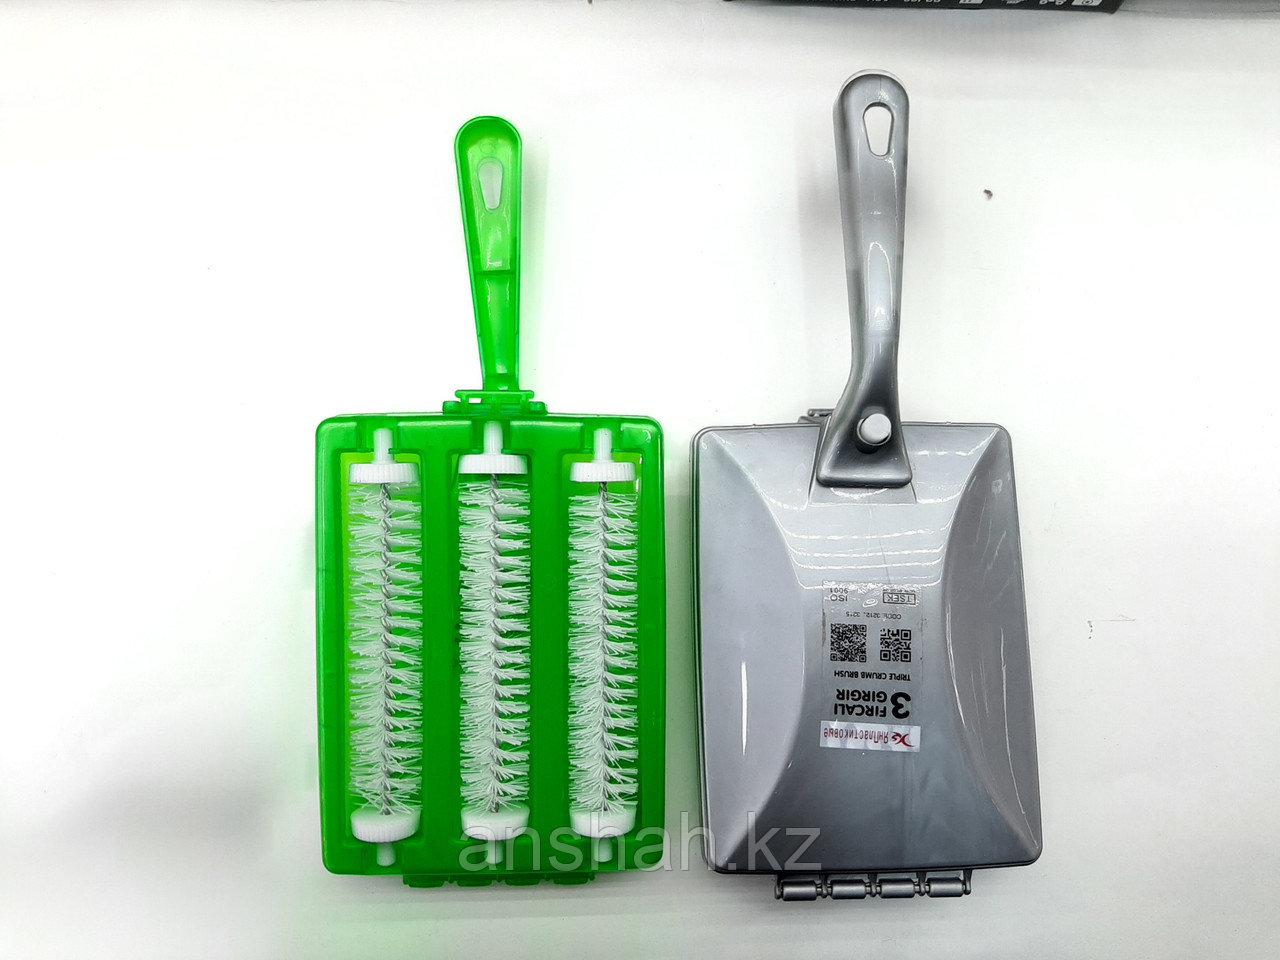 Механический пылесос с 3 роликами